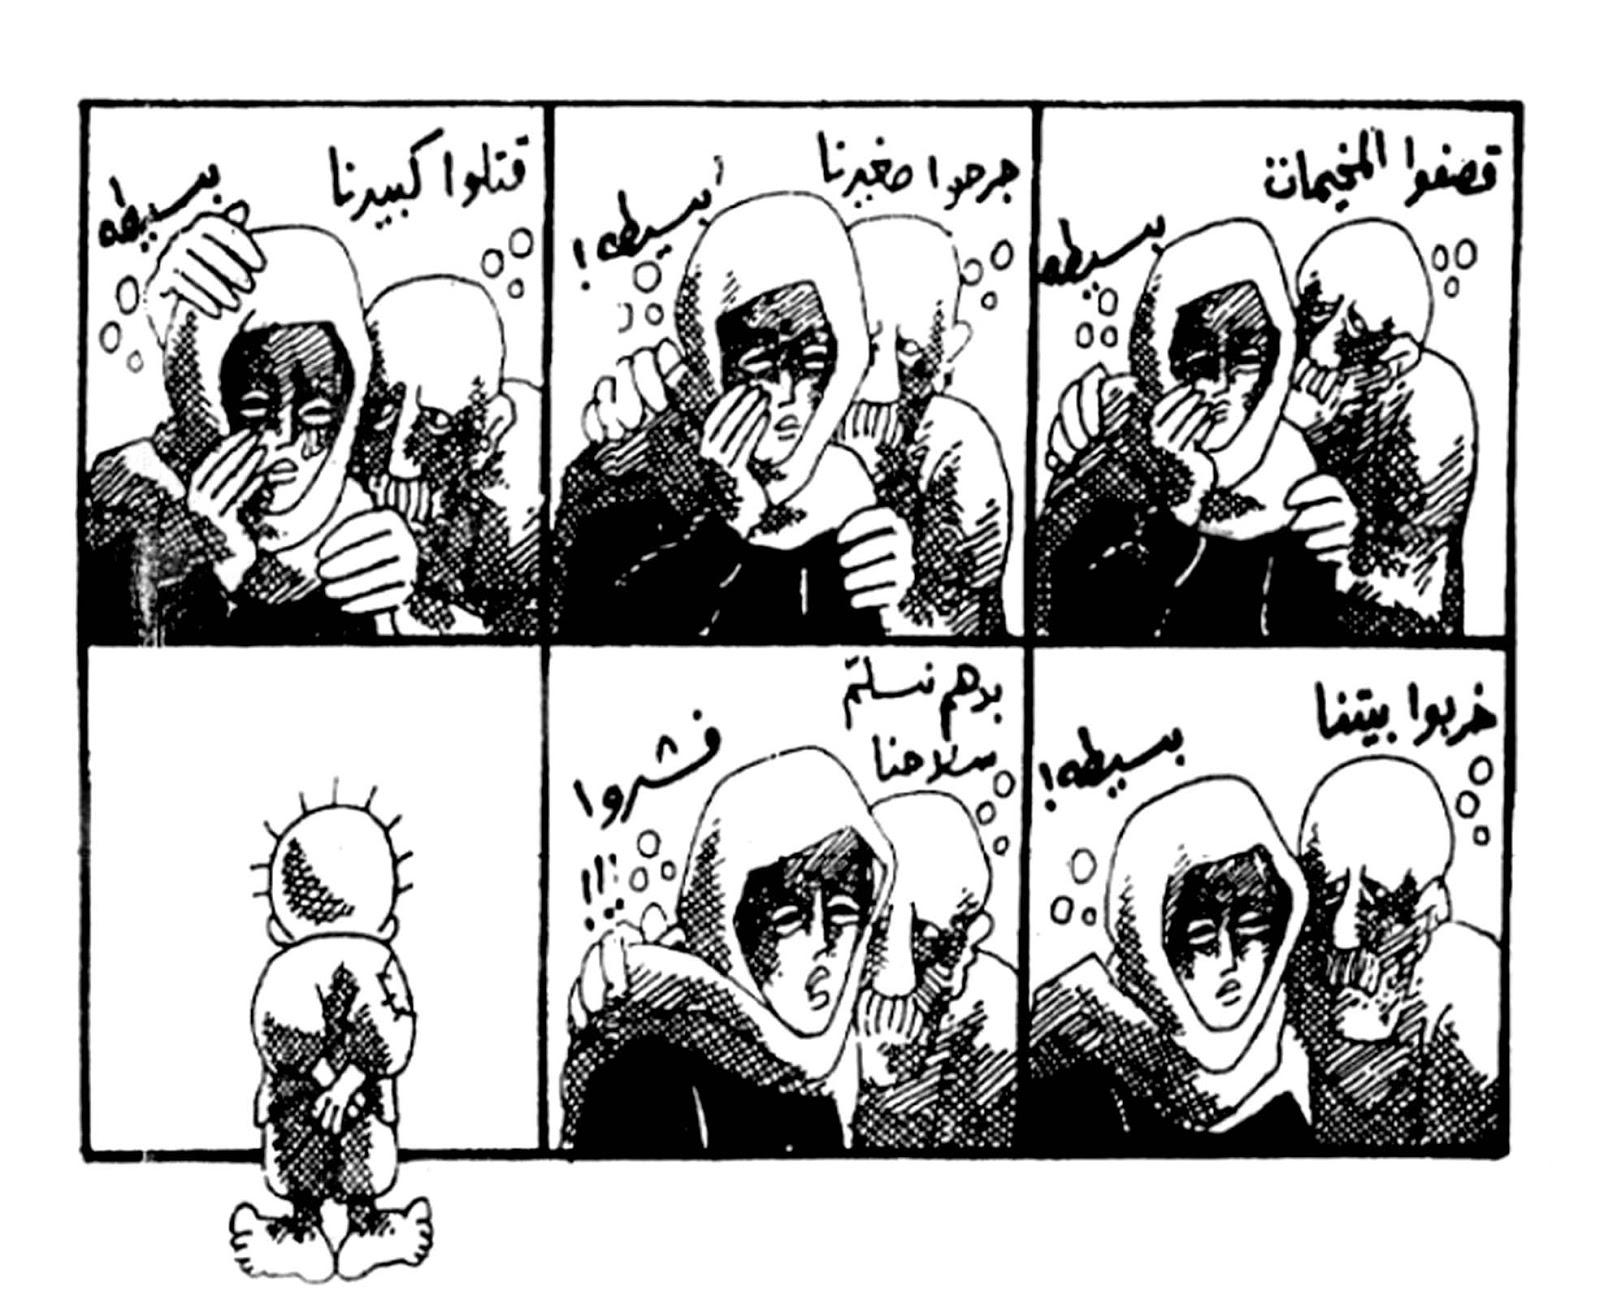 كاريكاتير لشخصية فاطمة رسمه ناجي العلي